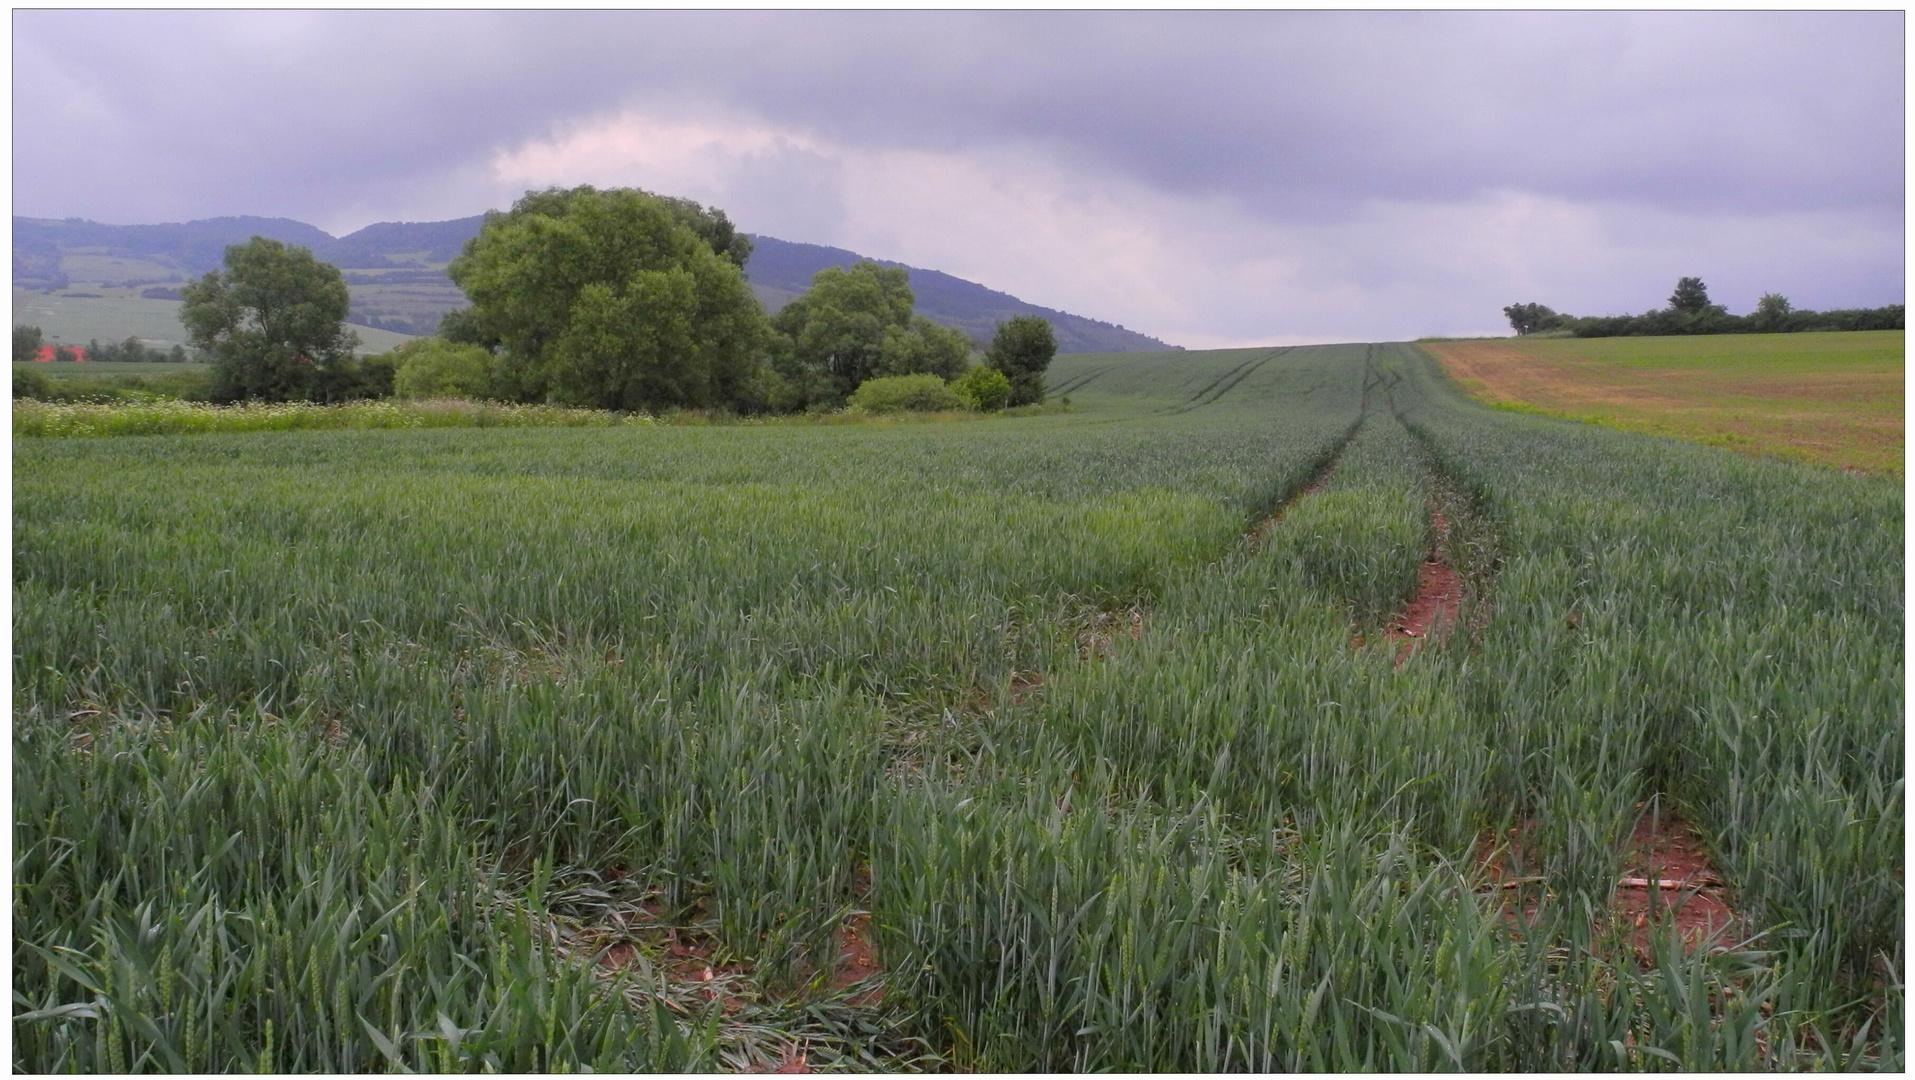 Campos cerca del lago II (Felder am See II)